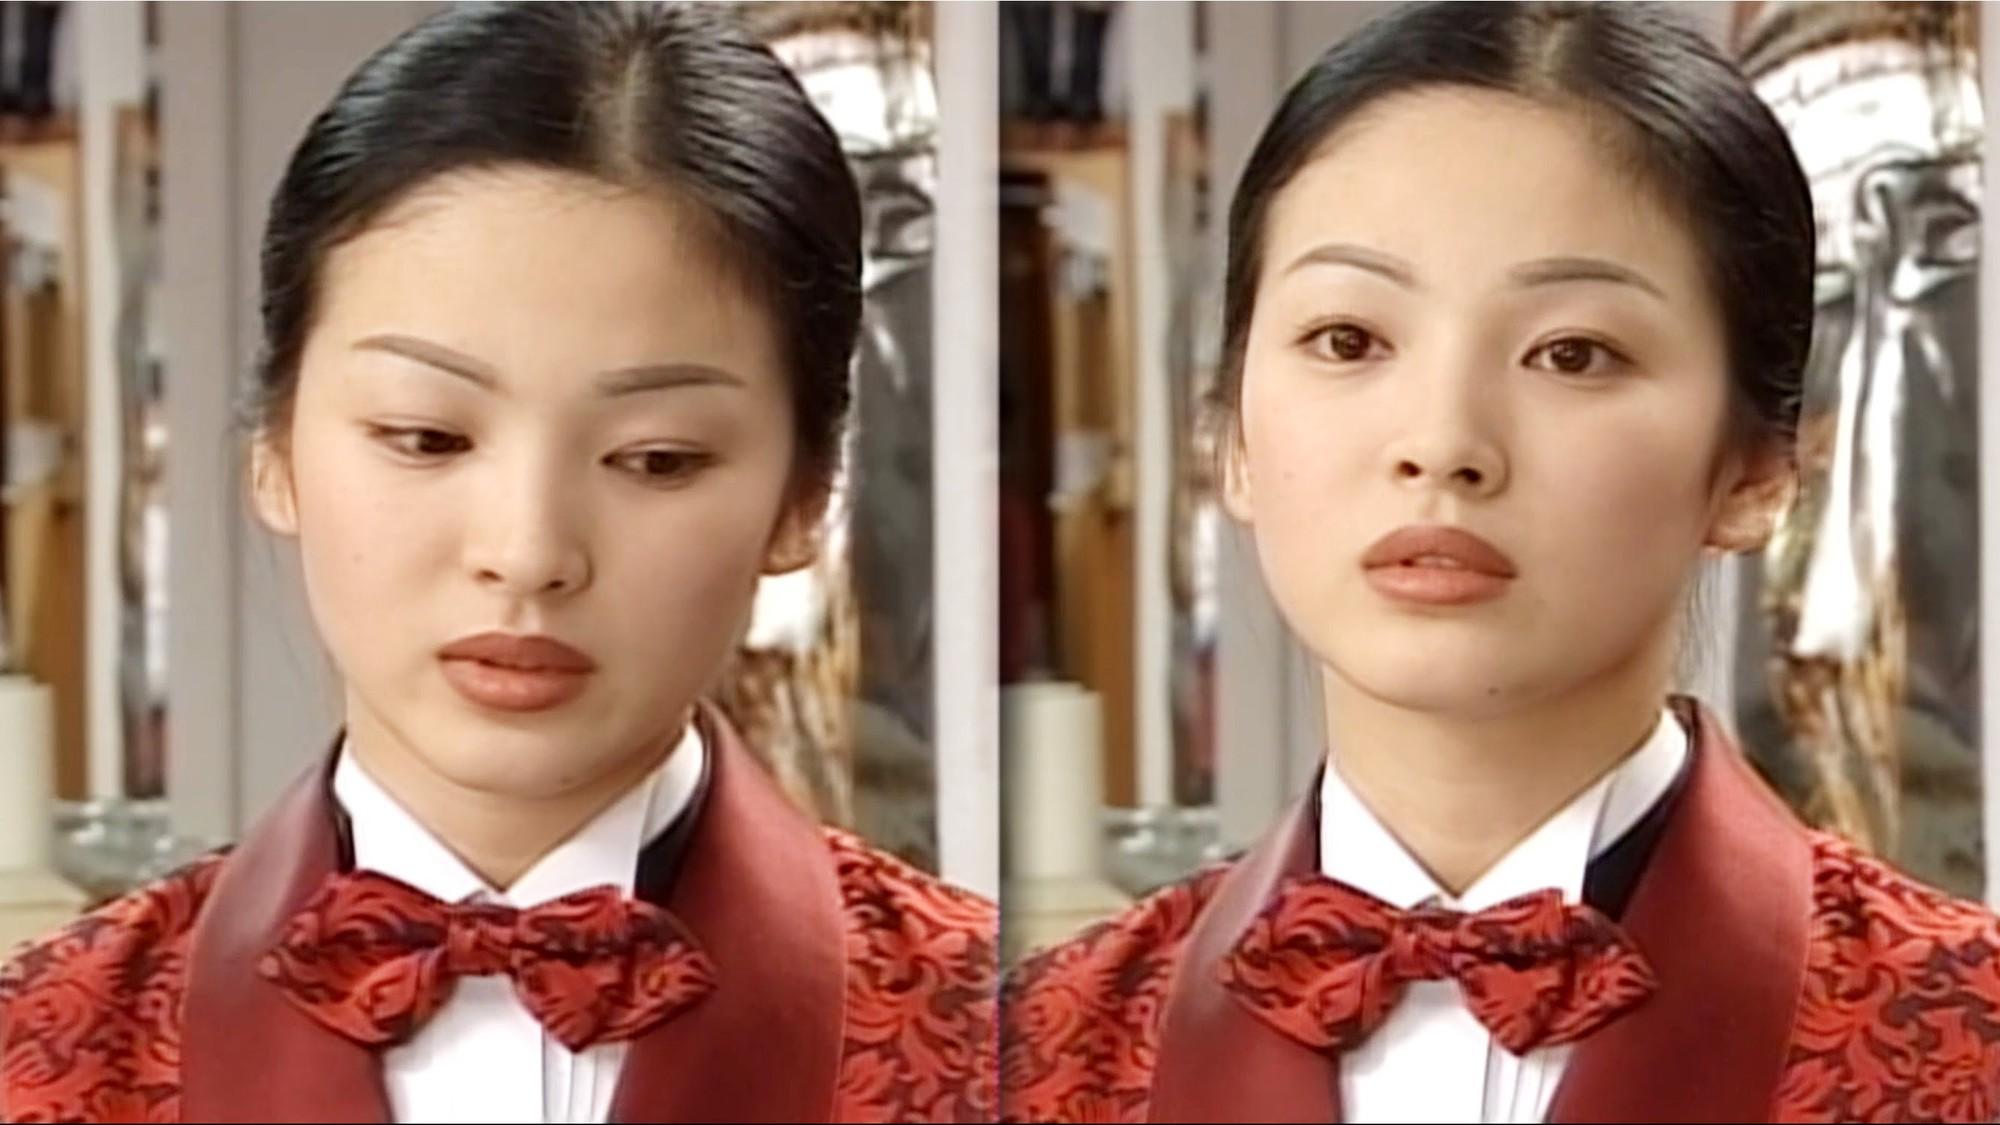 Nhìn vai diễn cách đây 14 năm của Song Hye Kyo và Han Ji Min, không ai nghĩ họ chỉ hơn nhau 1 tuổi - Ảnh 6.